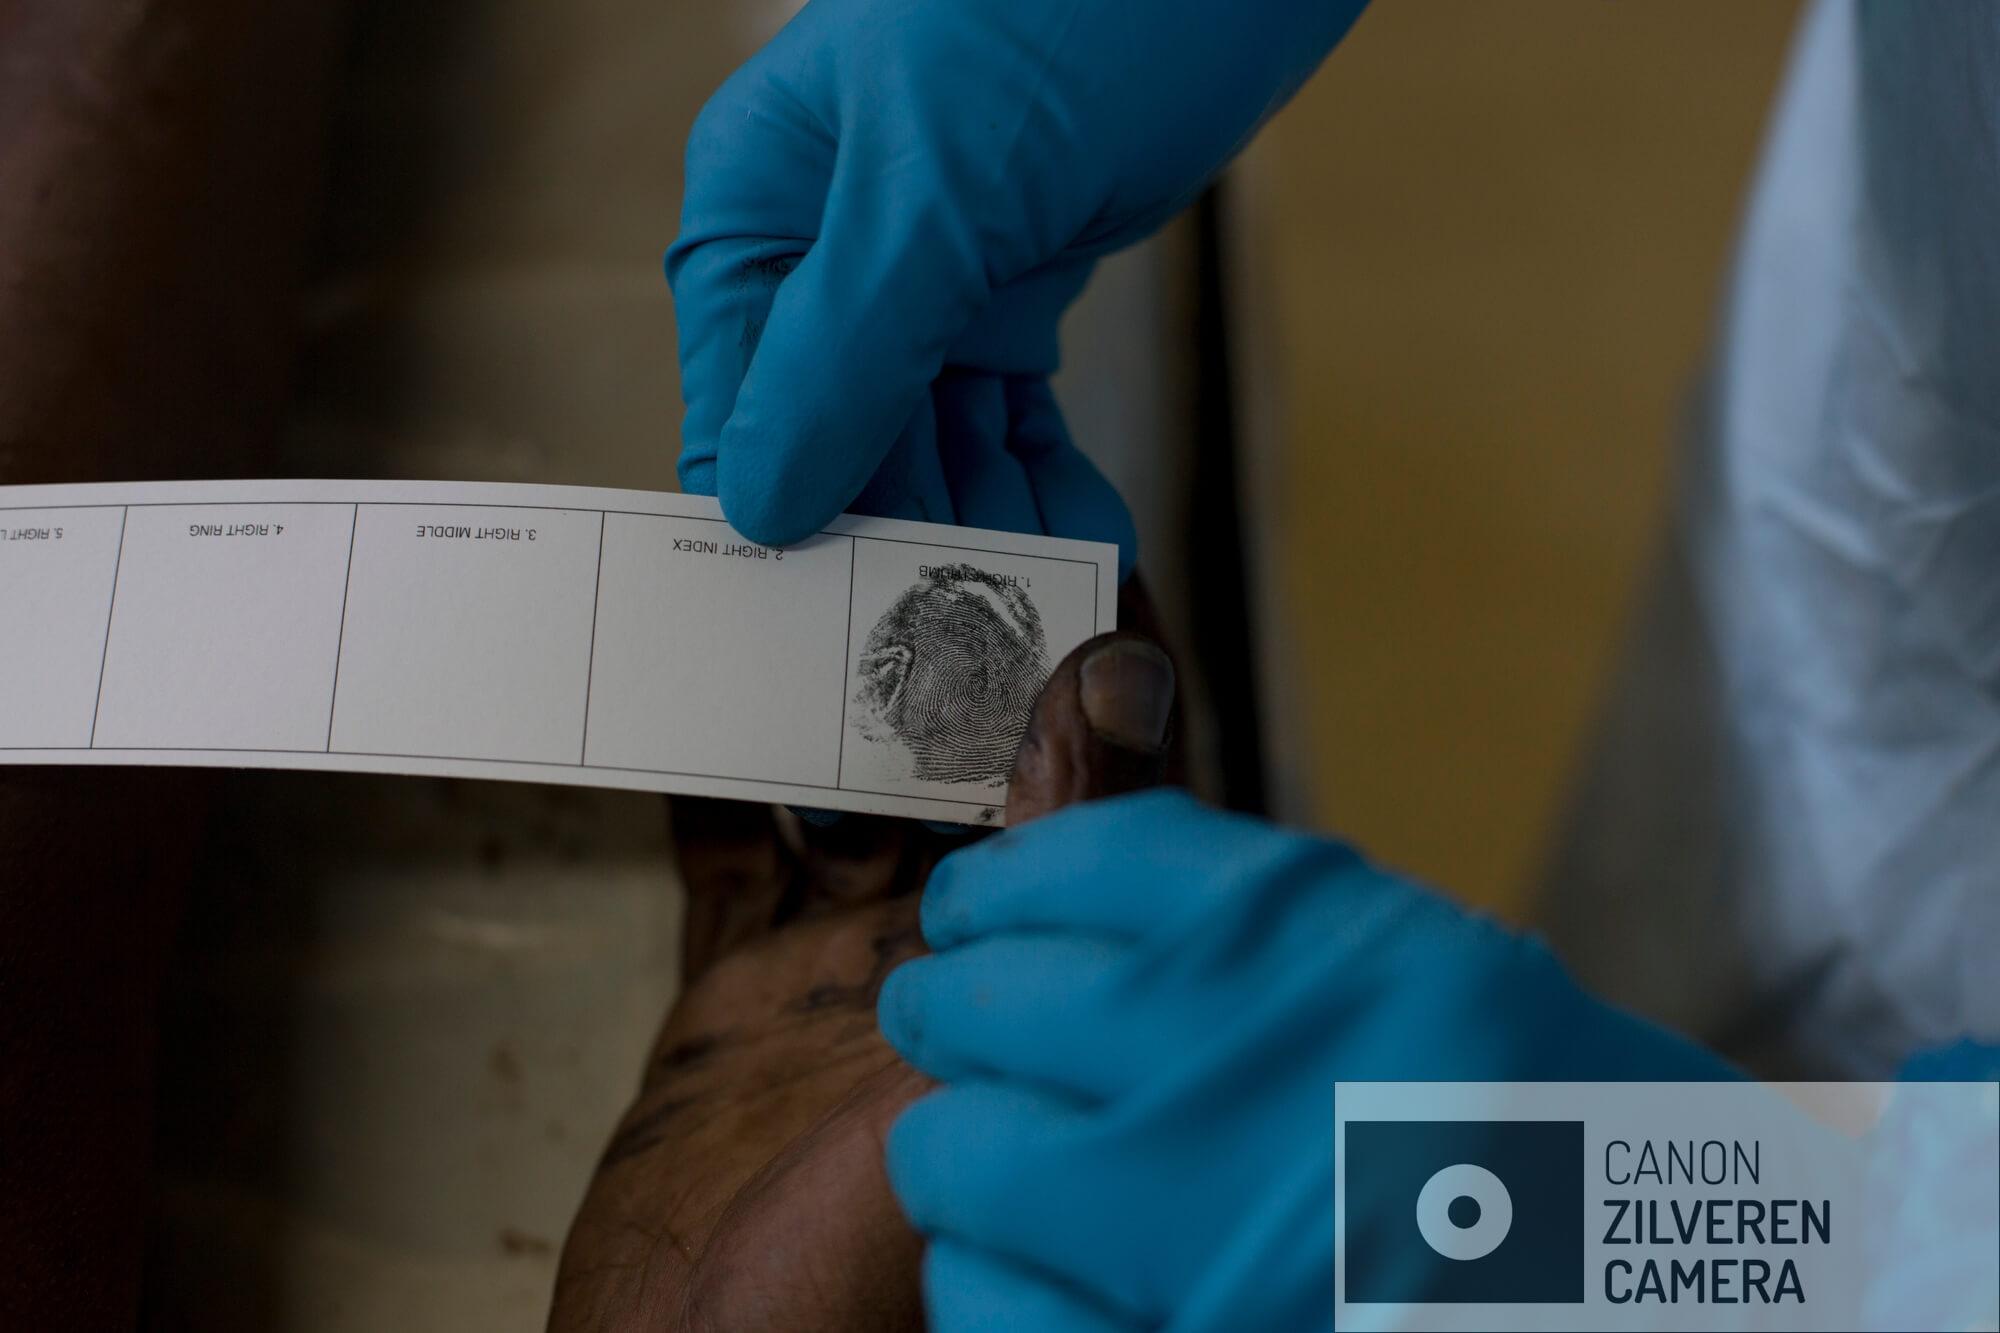 Aan patholoog neemt een vingerafdruk af van een ongeïdentificeerde man for forensisch onderzoek in het mortuarium van Johannesbrug in de beruchte wijk Hillbrow. Vingerafdrukken worden naar een database gestuurd van de Zuid-Afrikaanse politie in de hoop een match te vinden met iemand in het systeem. Alle volwassen Zuid-Afrikanen hebben hun vingerafdruk in het systeem zitten, illegale migranten niet. Als er geen match is gevonden worden ze begraven in zogenoemde 'pauper' graven.